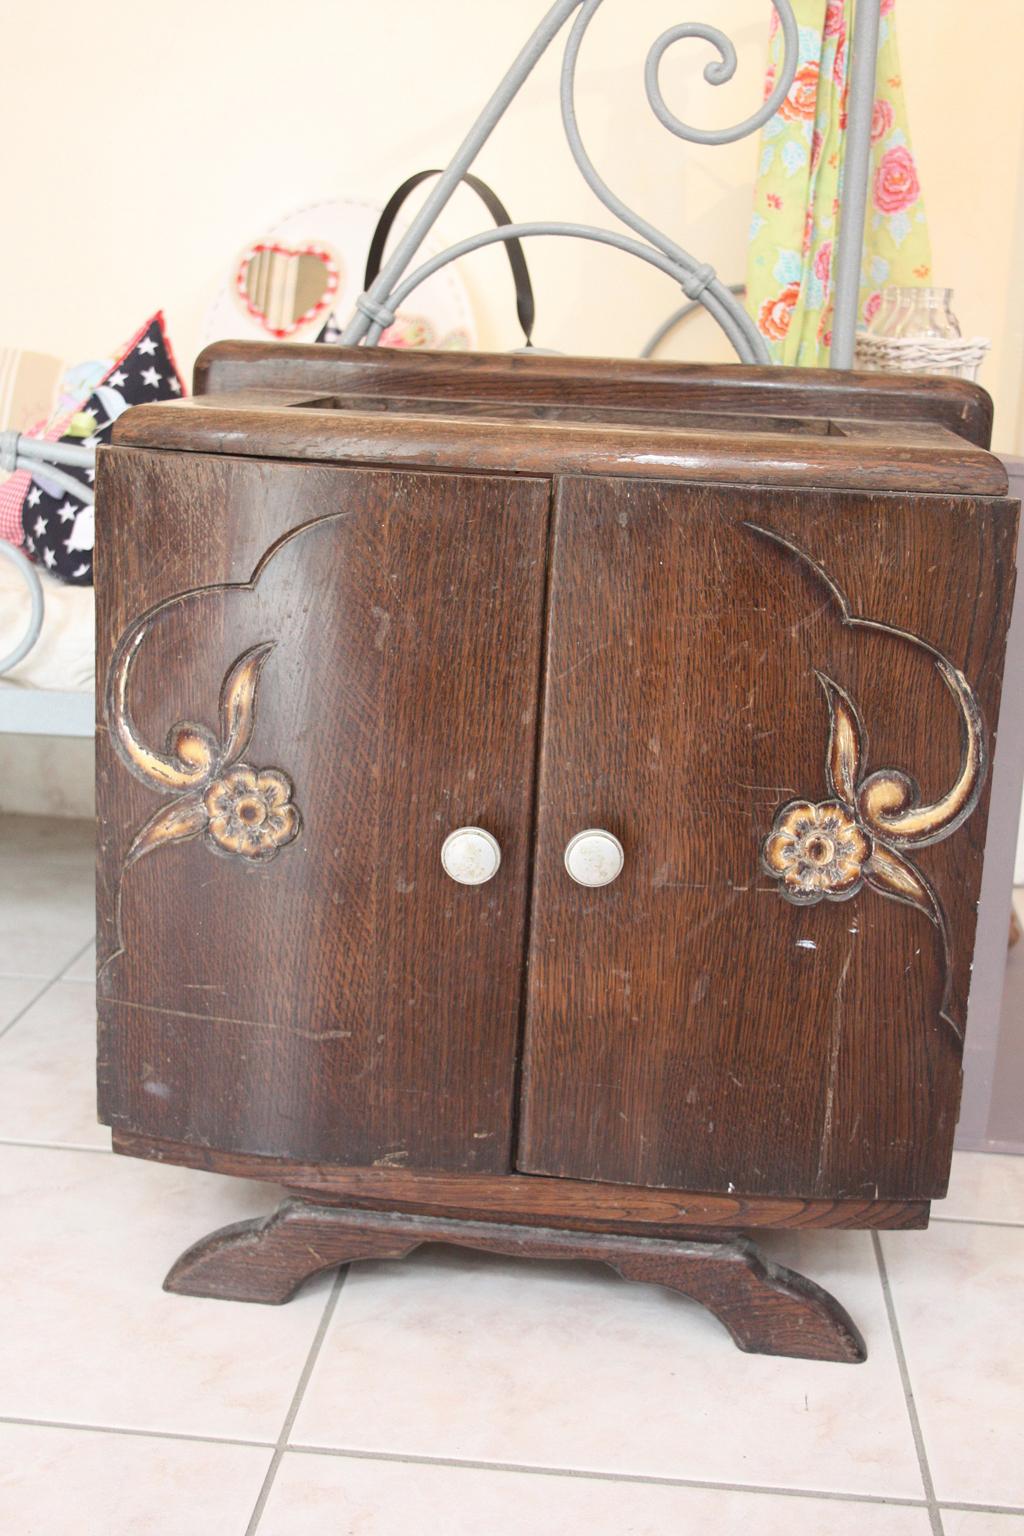 R nover un meuble en bois diy family - Renover un meuble en bois vernis ...